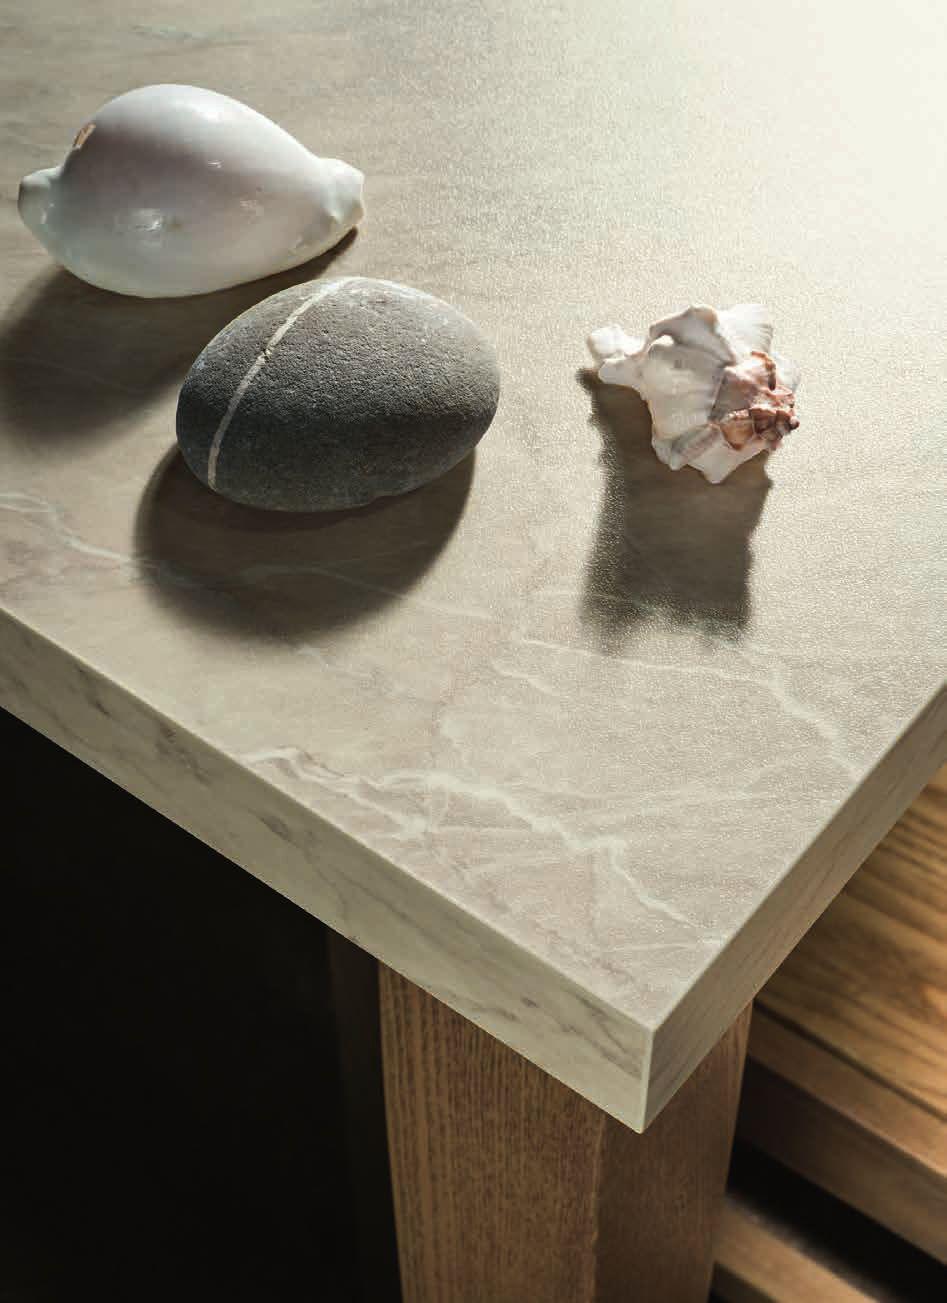 καρυδια ξυλο χρωματισμο και λευκο με παγκο υφη μαρμαρου